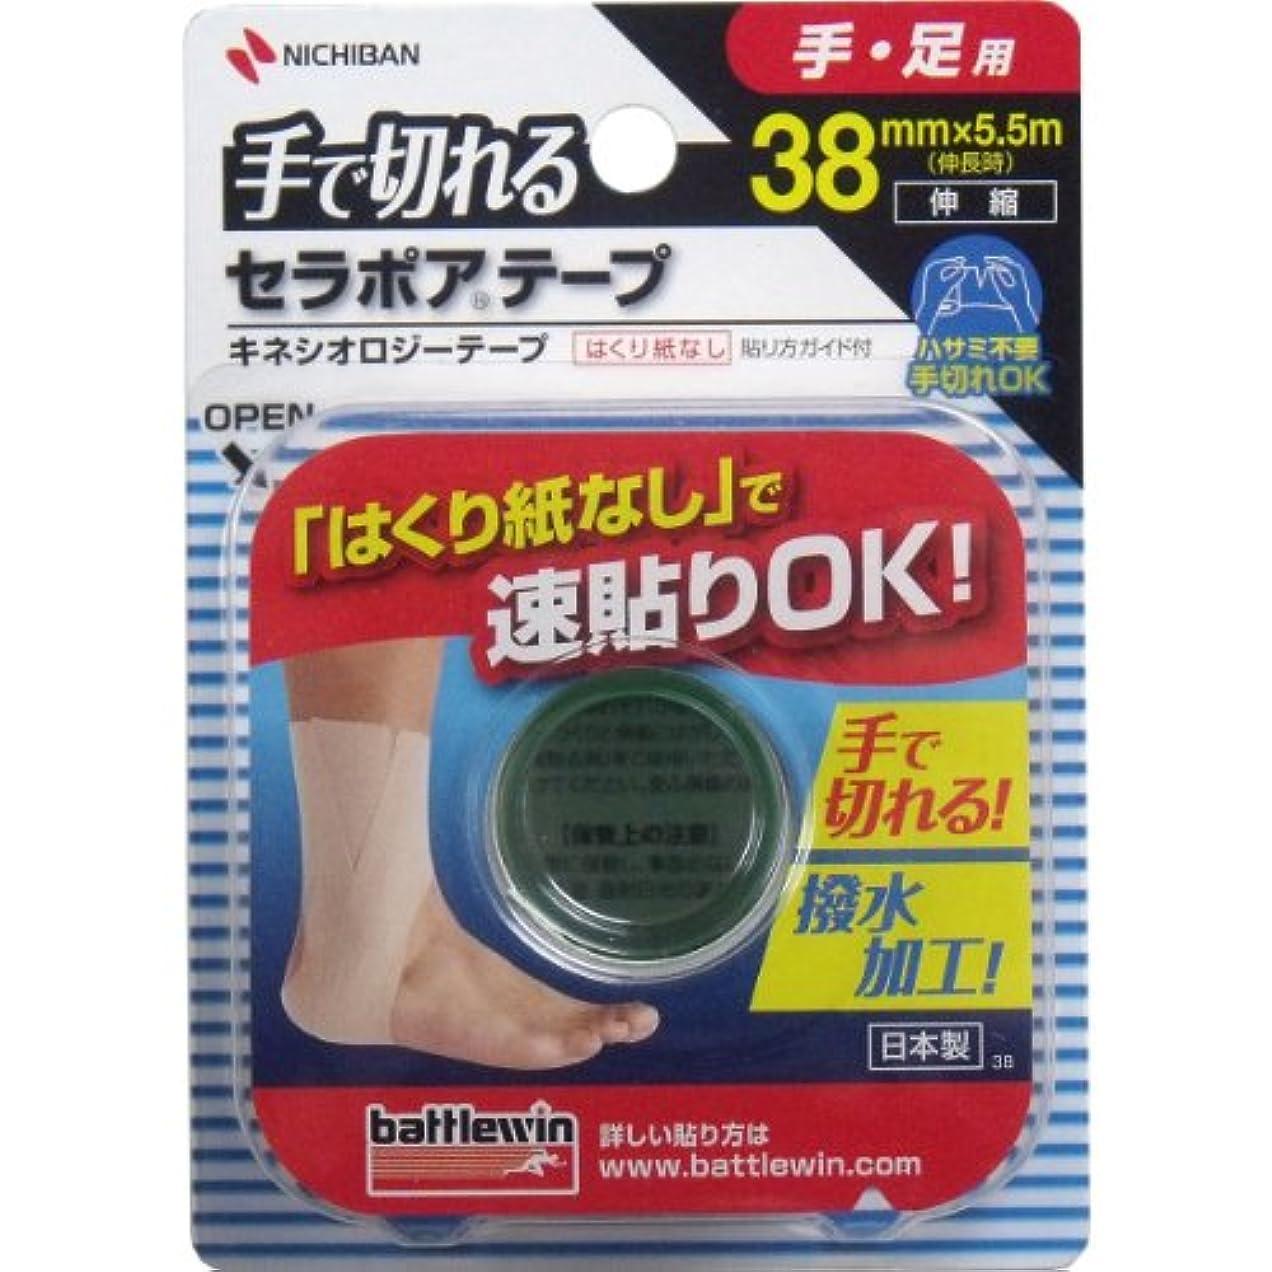 印象的な賞賛つらいバトルウィン 手で切れるセラポアテープ 38mmX5.5m SEFX38F×20個セット